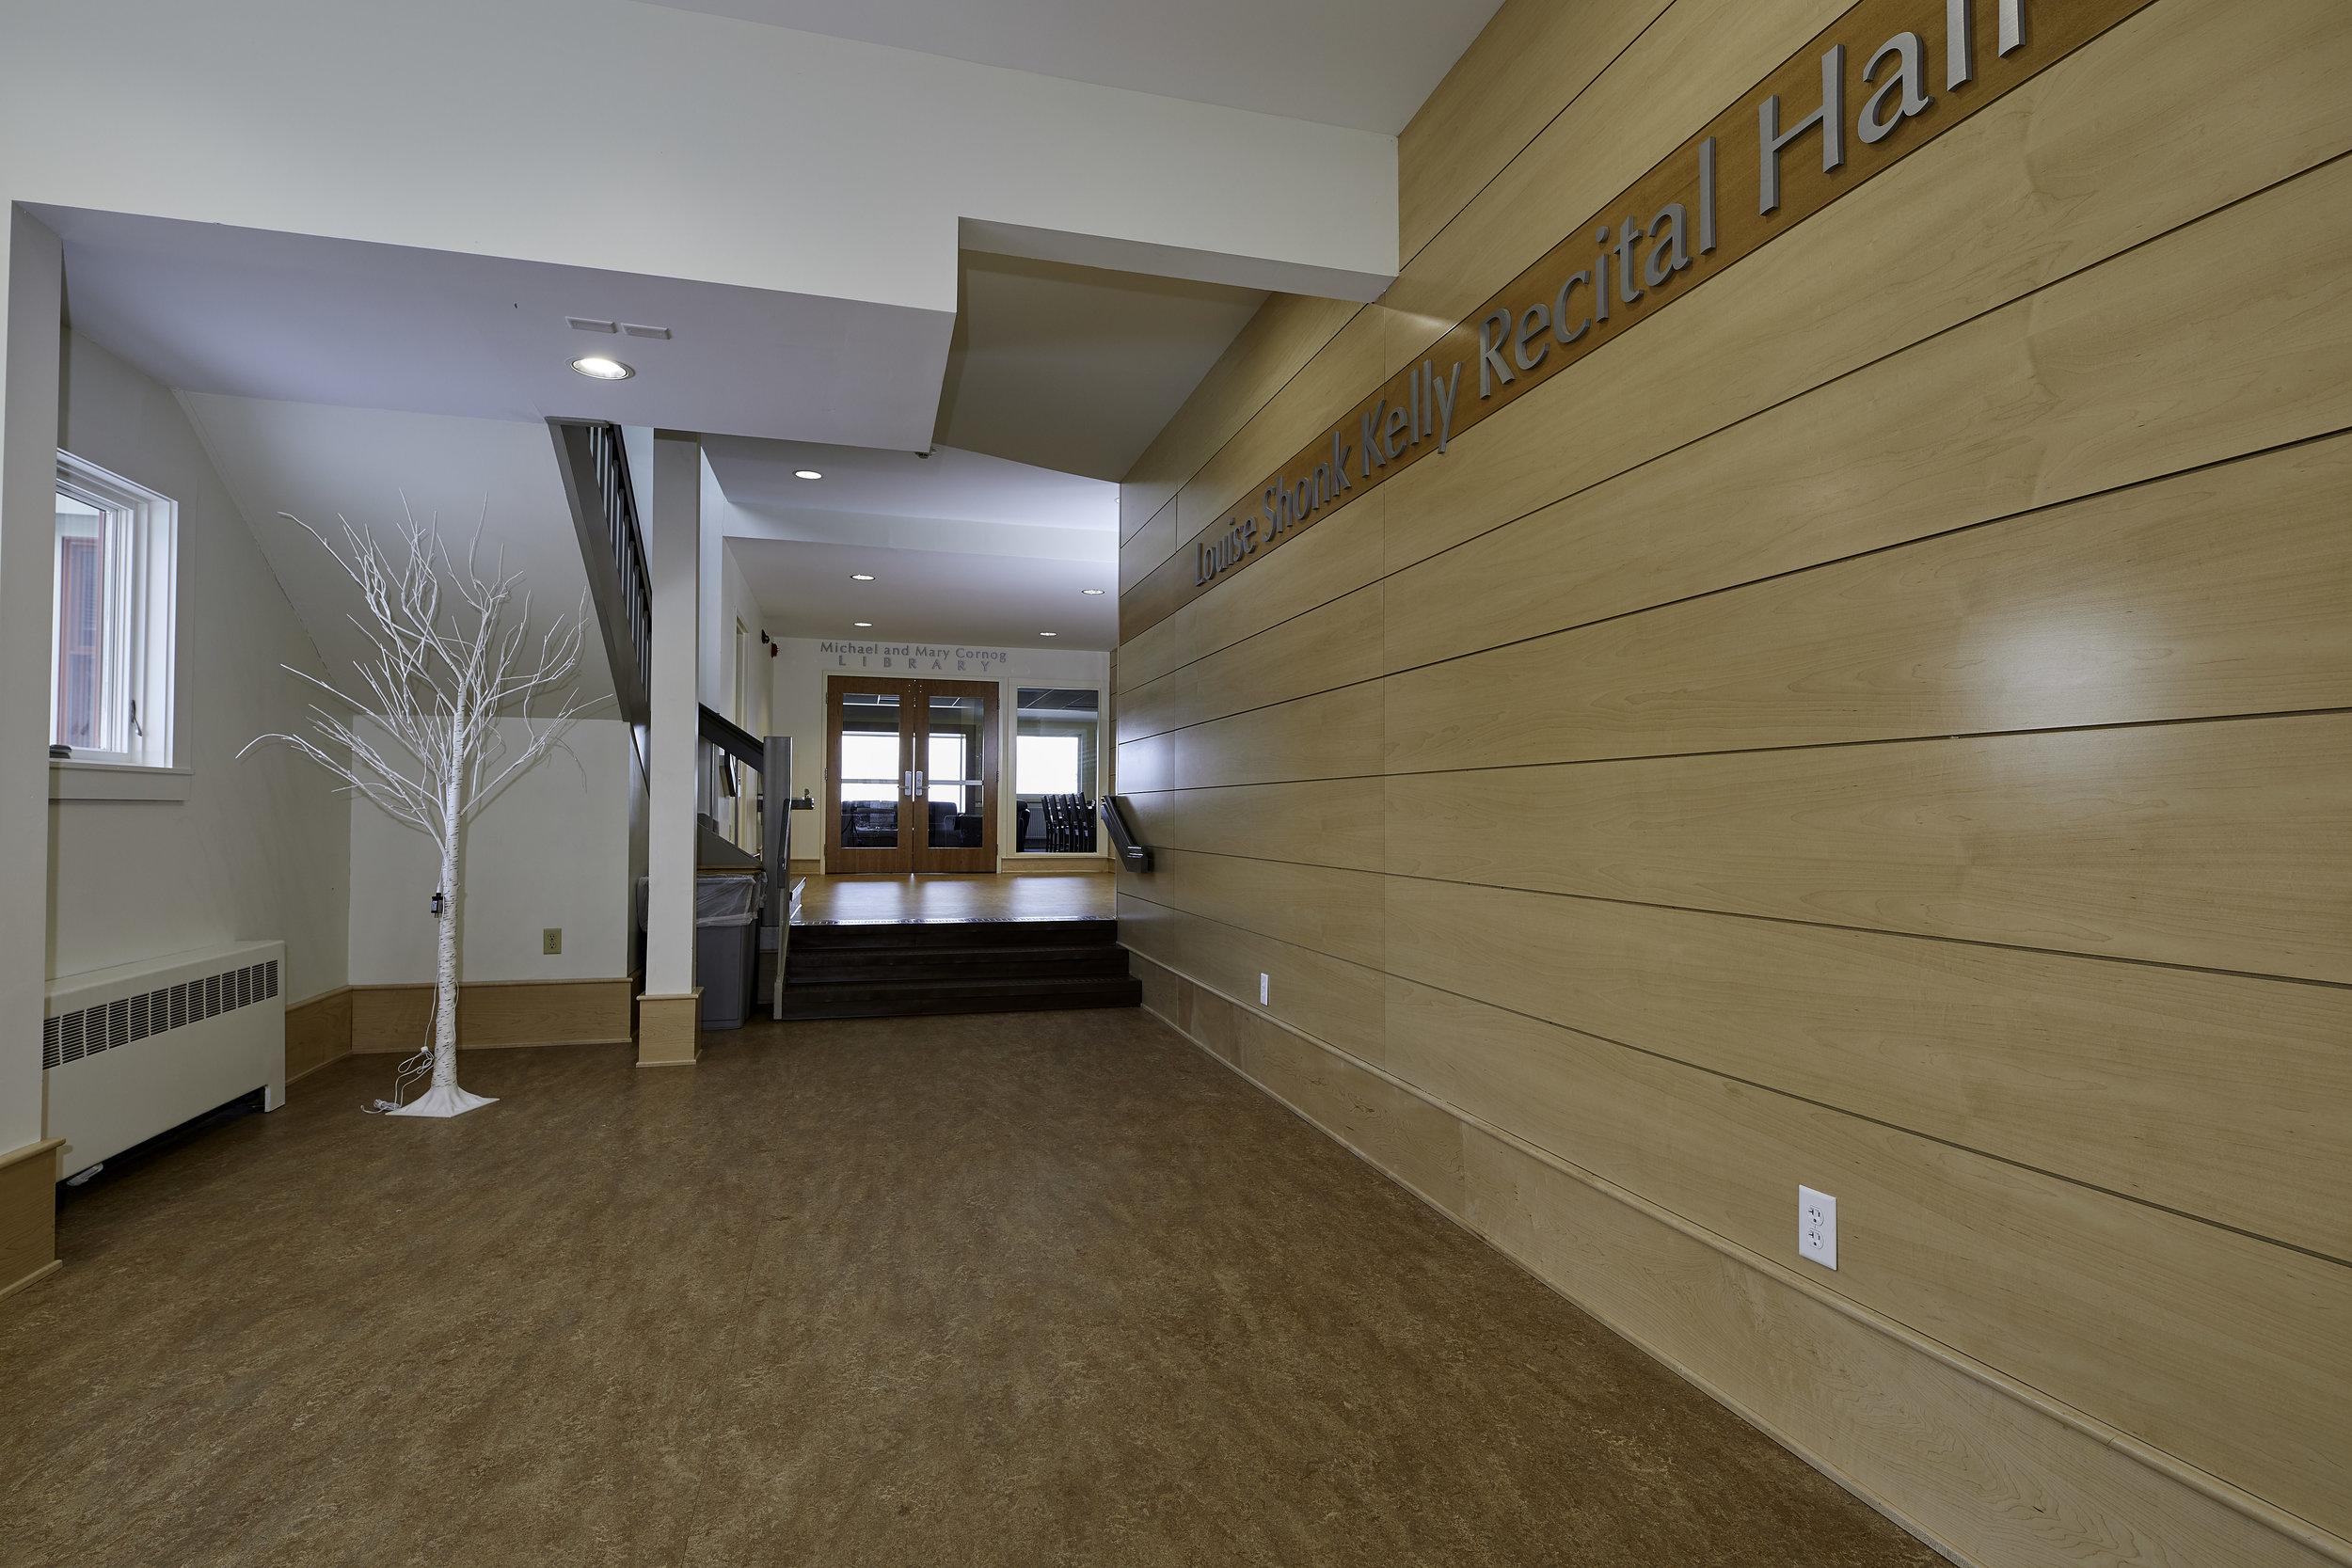 Louise Shonk Kelly Recital Hall Lobby